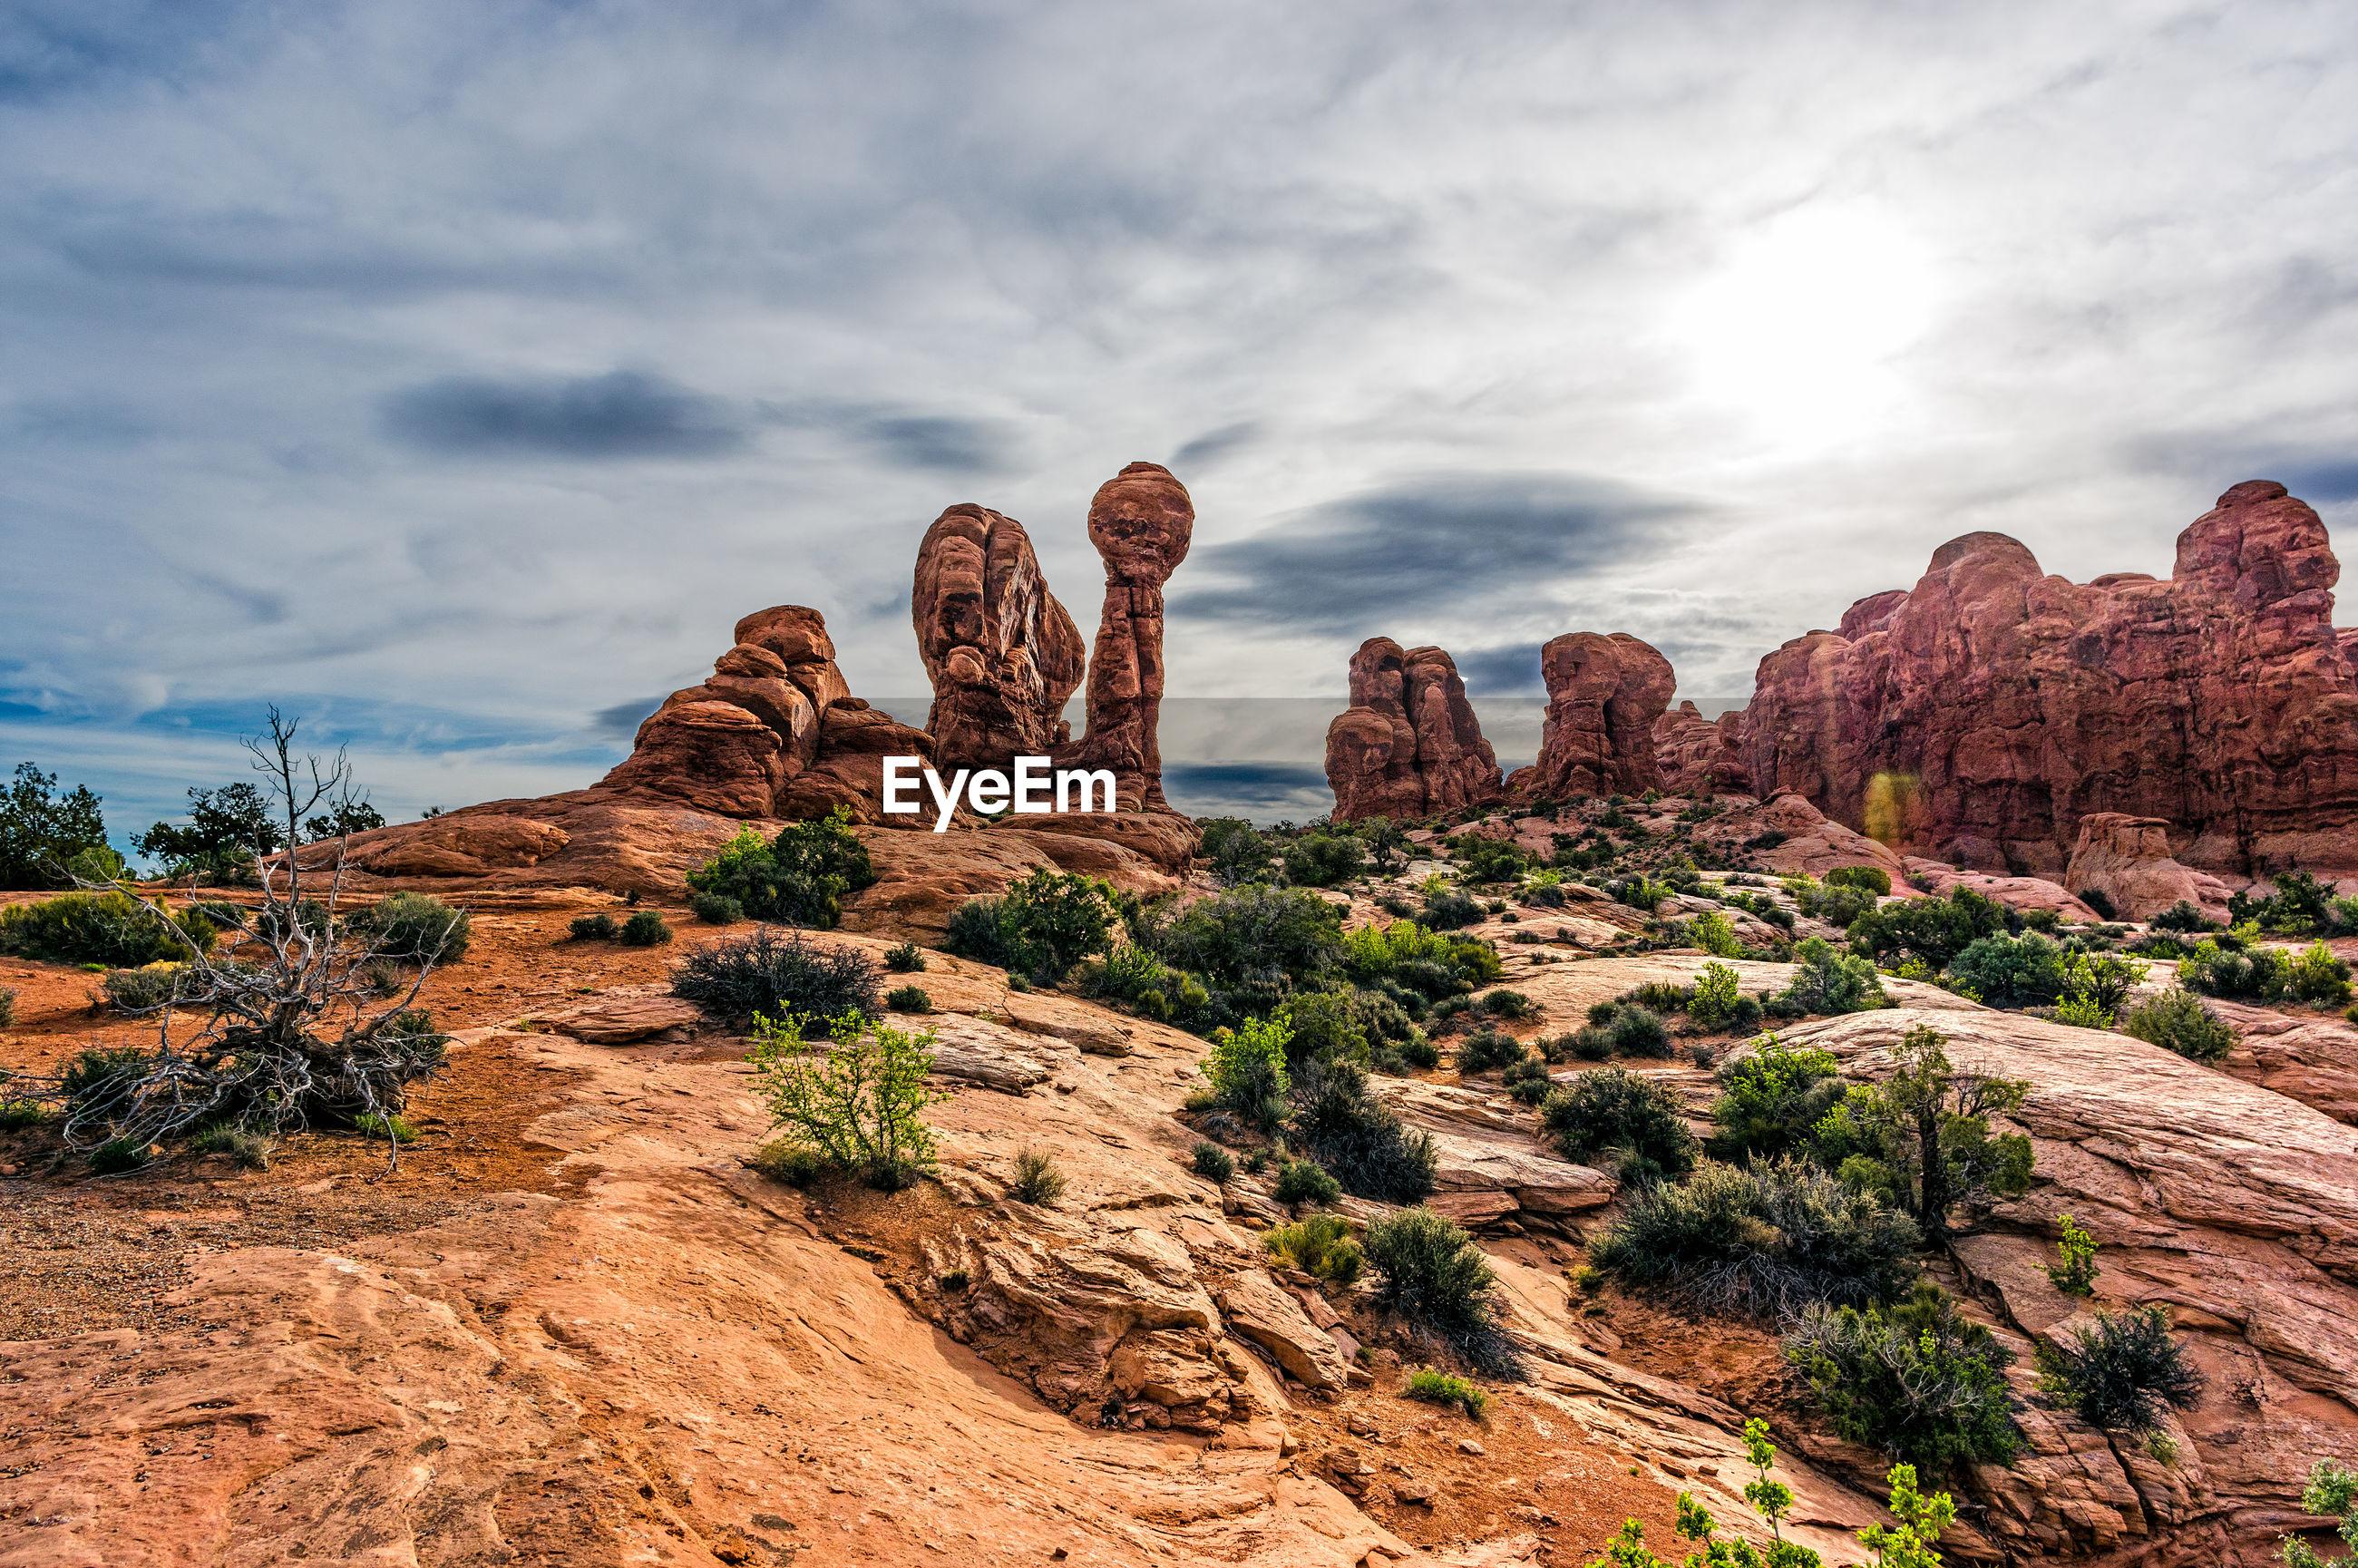 Old rock formations in utah